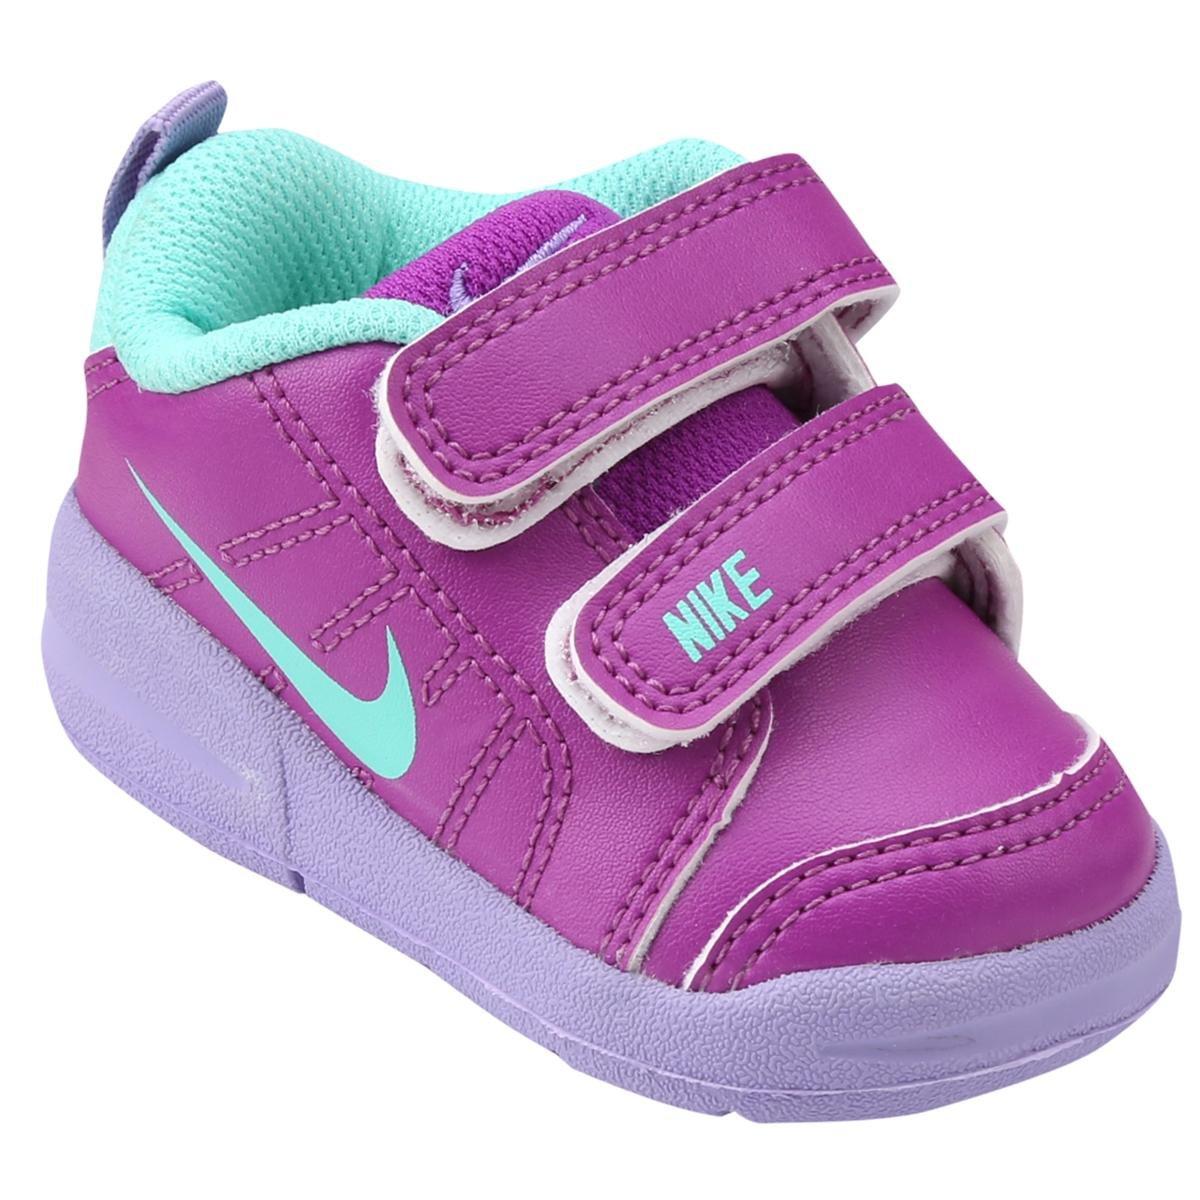 14f6646c54f Tênis Infantil Nike Pico Lt - Violeta - Compre Agora